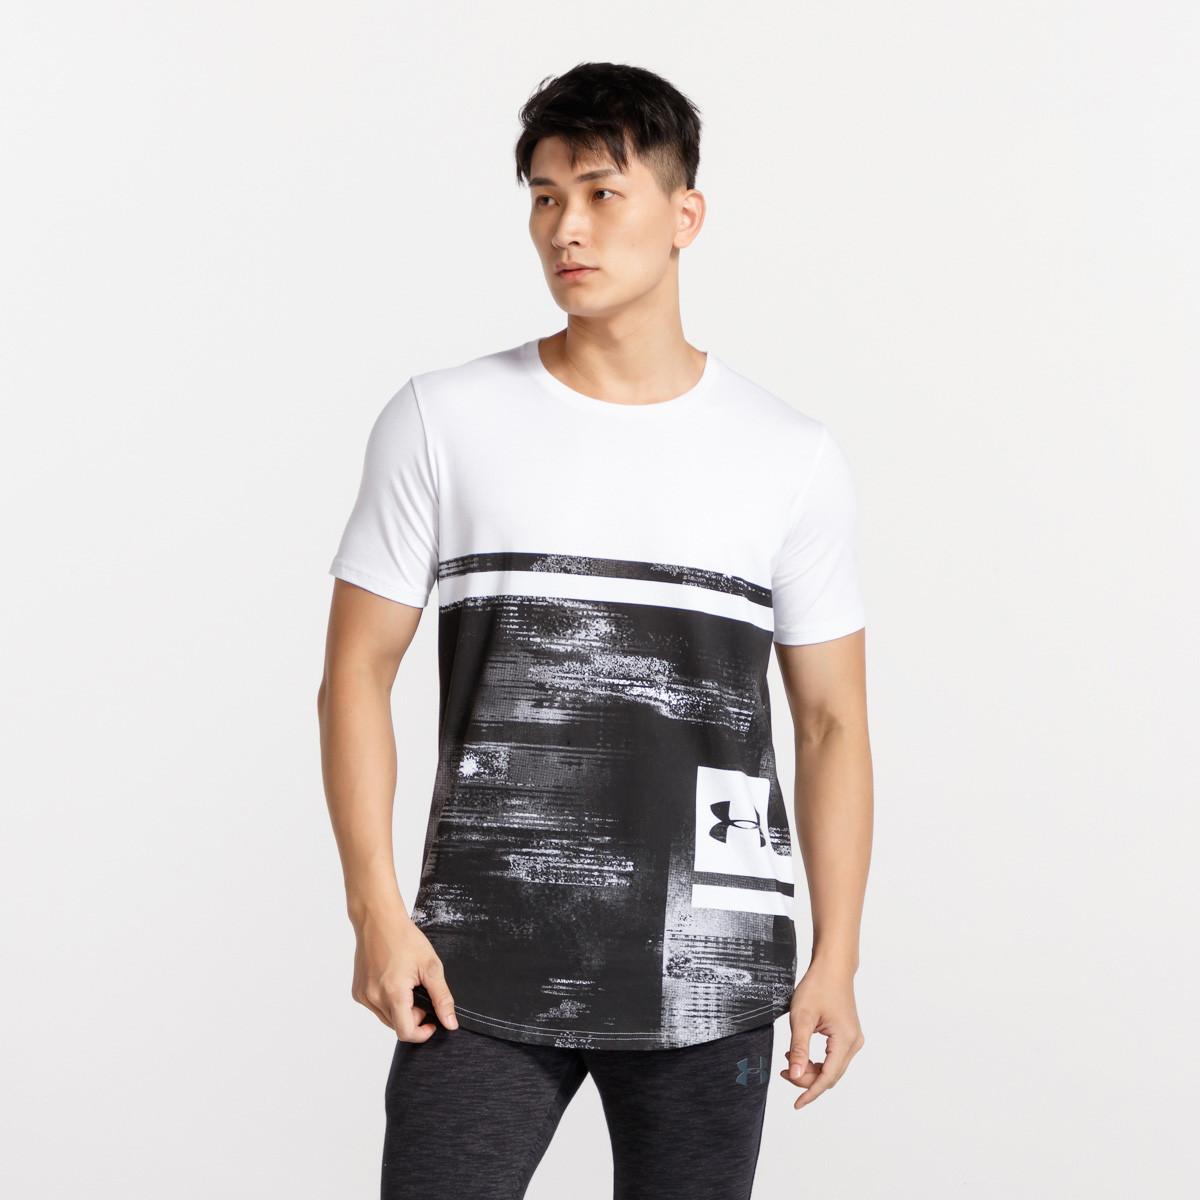 限尺码 : UNDER ARMOUR 安德玛 1318568 男士印花短袖T恤